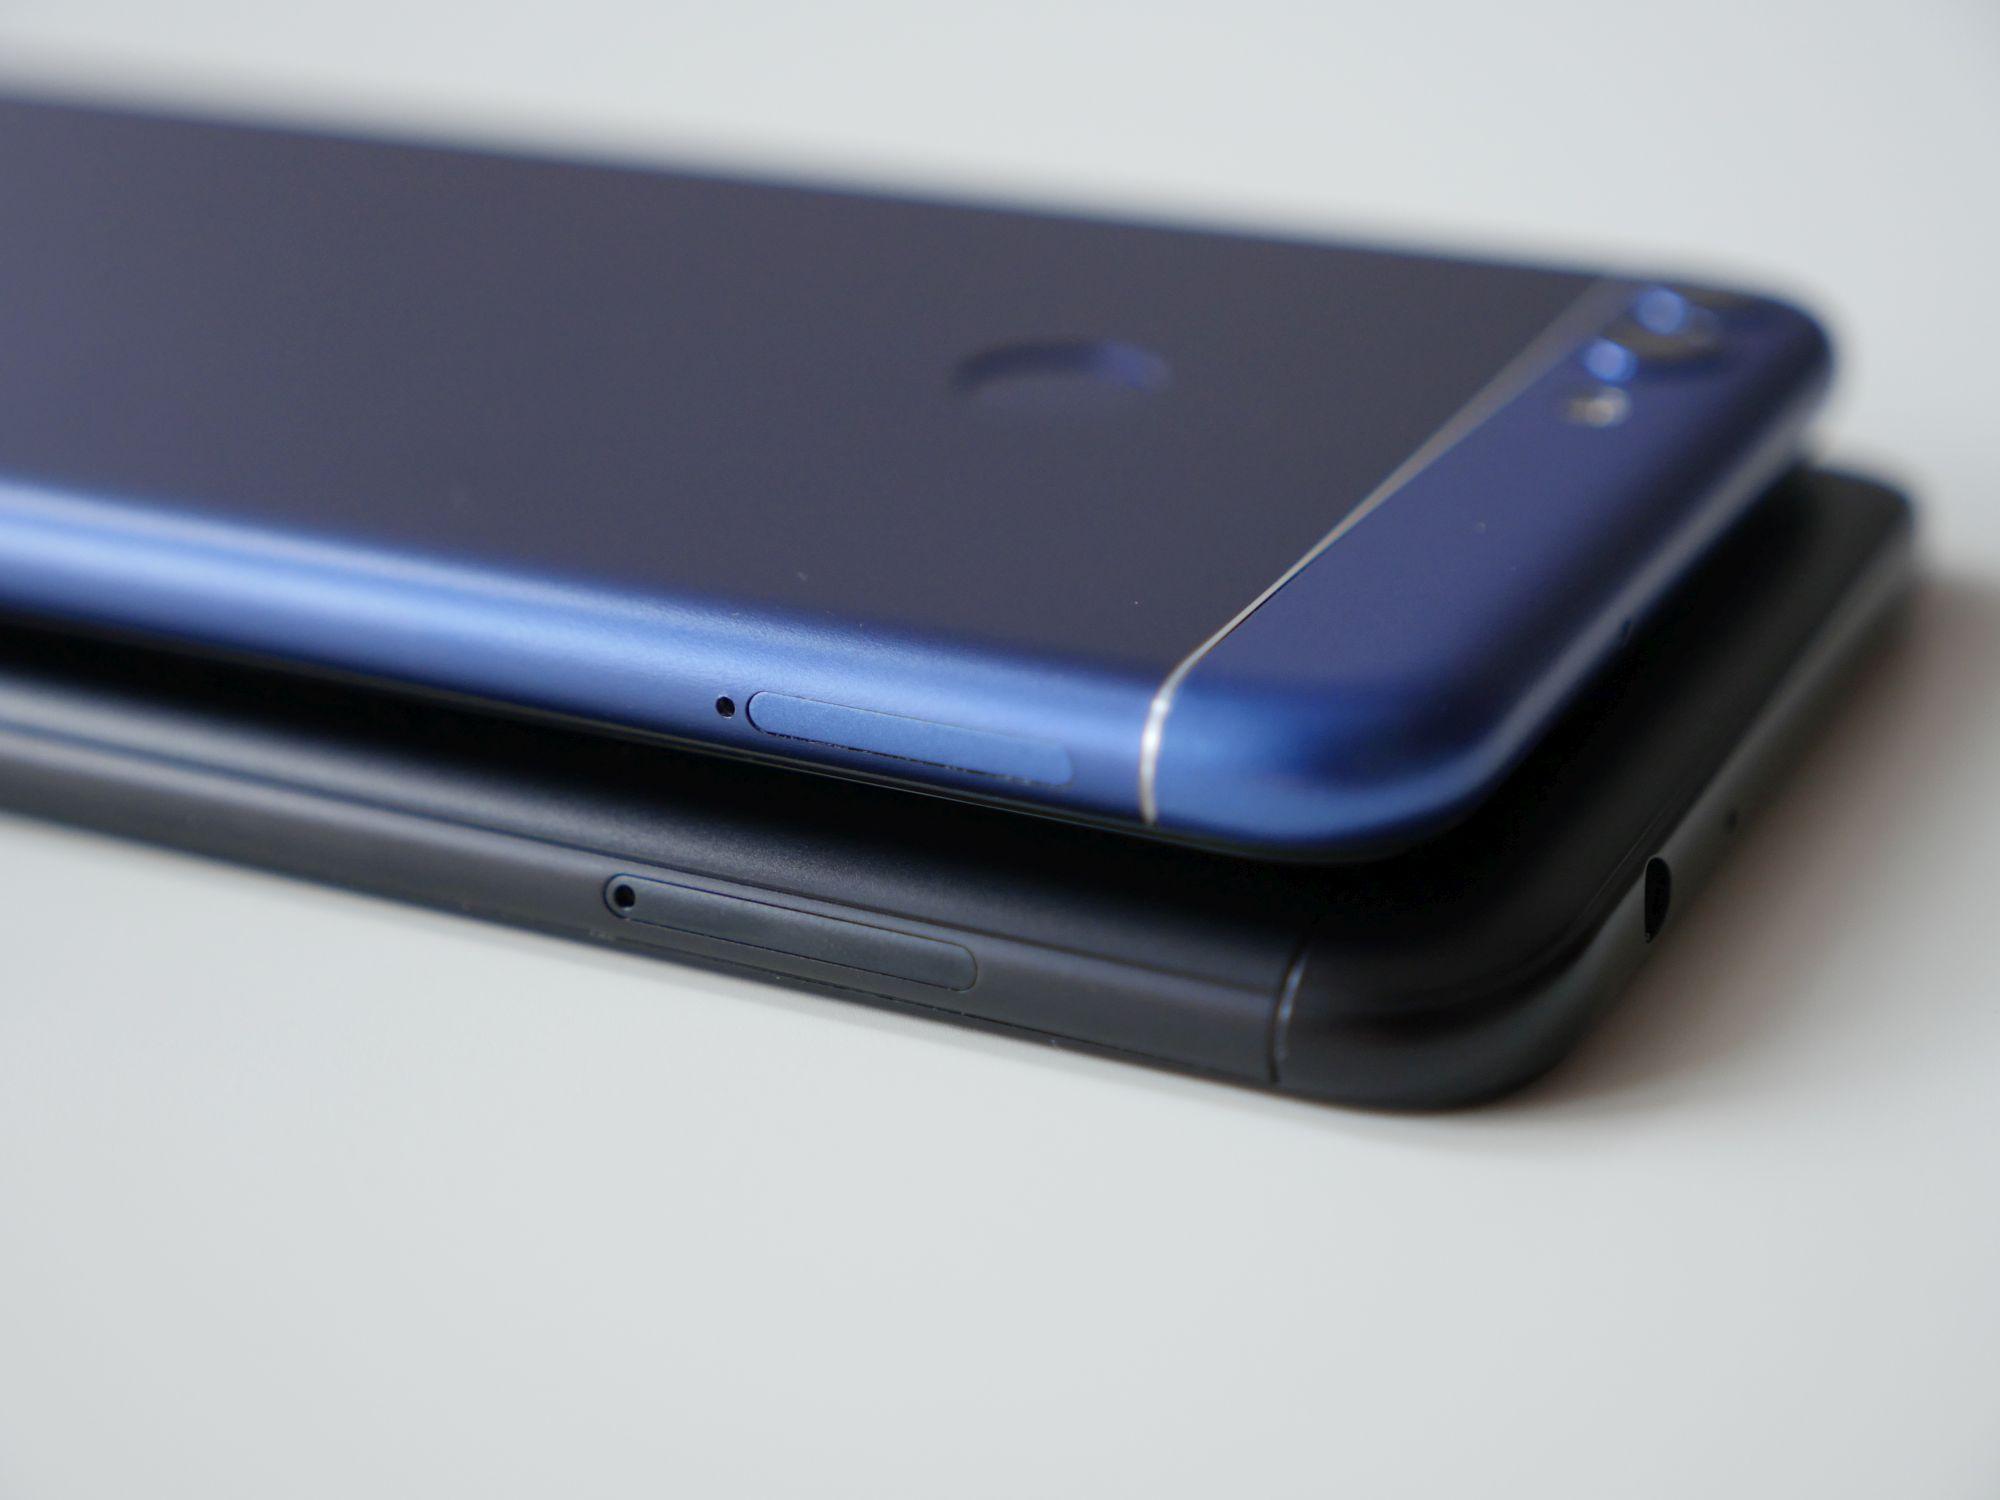 Tabletowo Kt³ry ze smartfon³w do 1000 zł byś kupił Huawei P Smart czy